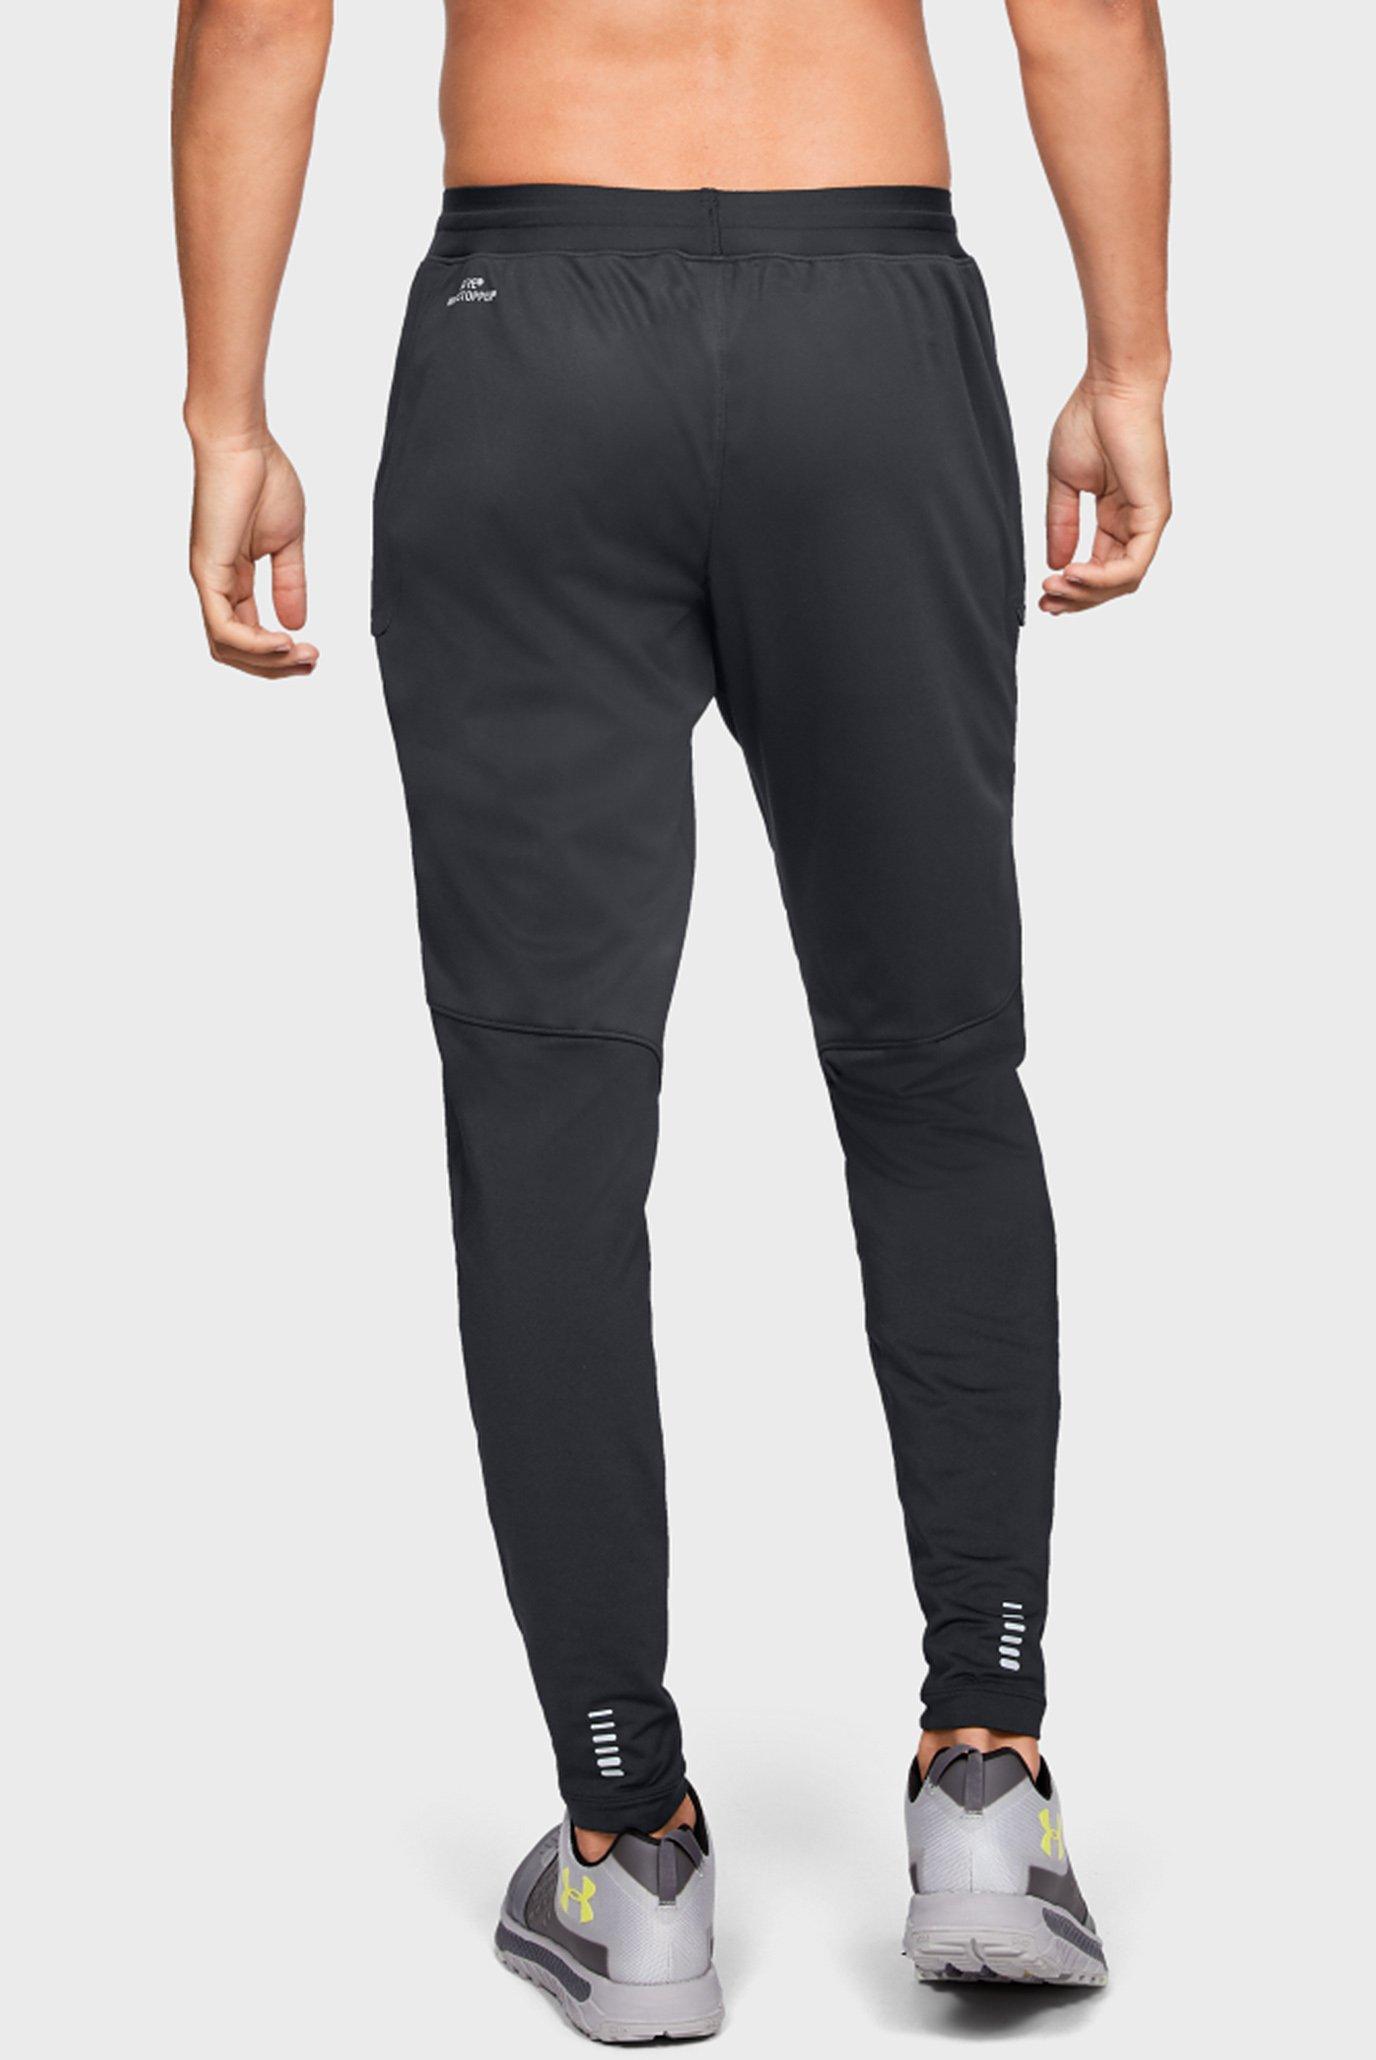 Купить Мужские черные спортивные брюки UA RUN GORE-TEX WINDSTOPPER PANT Under Armour Under Armour 1318016-001 – Киев, Украина. Цены в интернет магазине MD Fashion